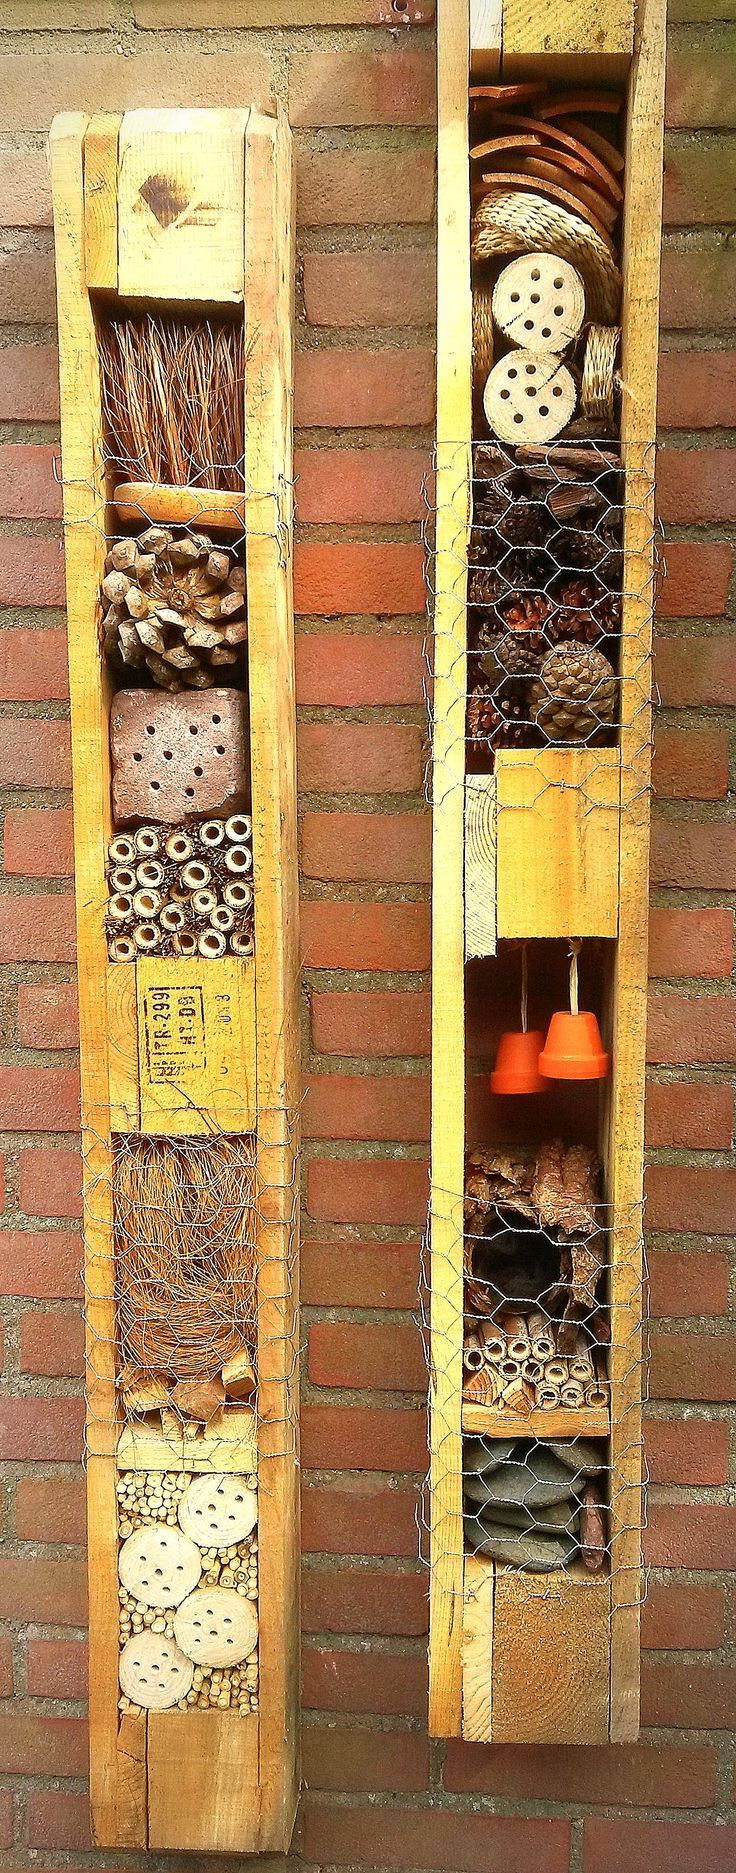 Insektenhotel ähnliche tolle Projekte und Ideen wie im Bild vorgestellt werdenb findest du auch in unserem Magazin . Wir freuen uns auf deinen Besuch. Liebe Grüße Mimi